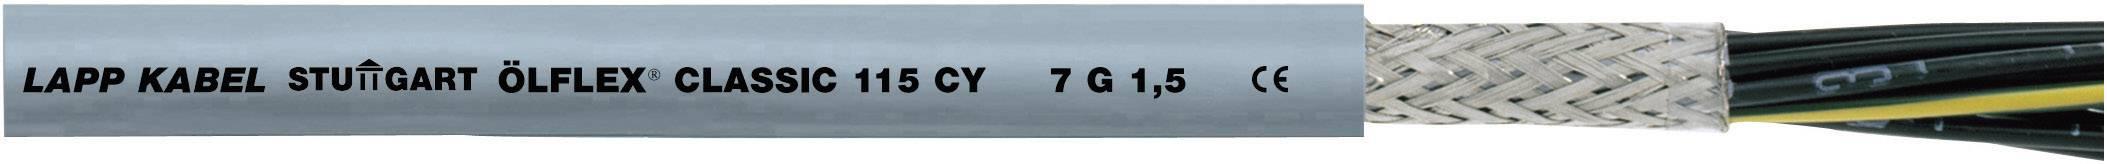 Riadiaci kábel LappKabel ÖLFLEX® CLASSIC 115 CY 1136207, 7 G 1 mm², vonkajší Ø 8.80 mm, 500 V, metrový tovar, sivá